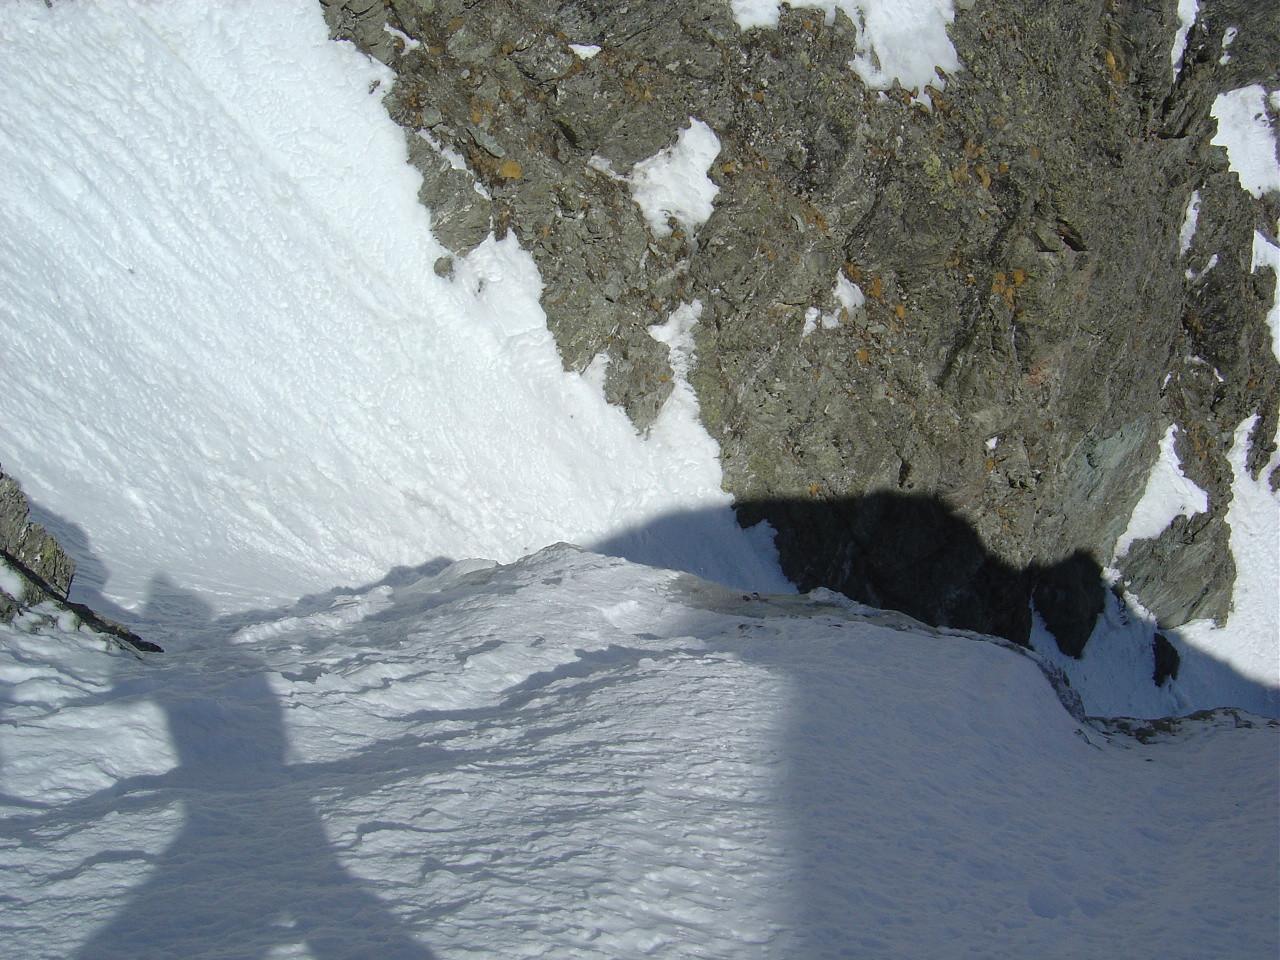 Le bombé du premier rappel en excellente neige!